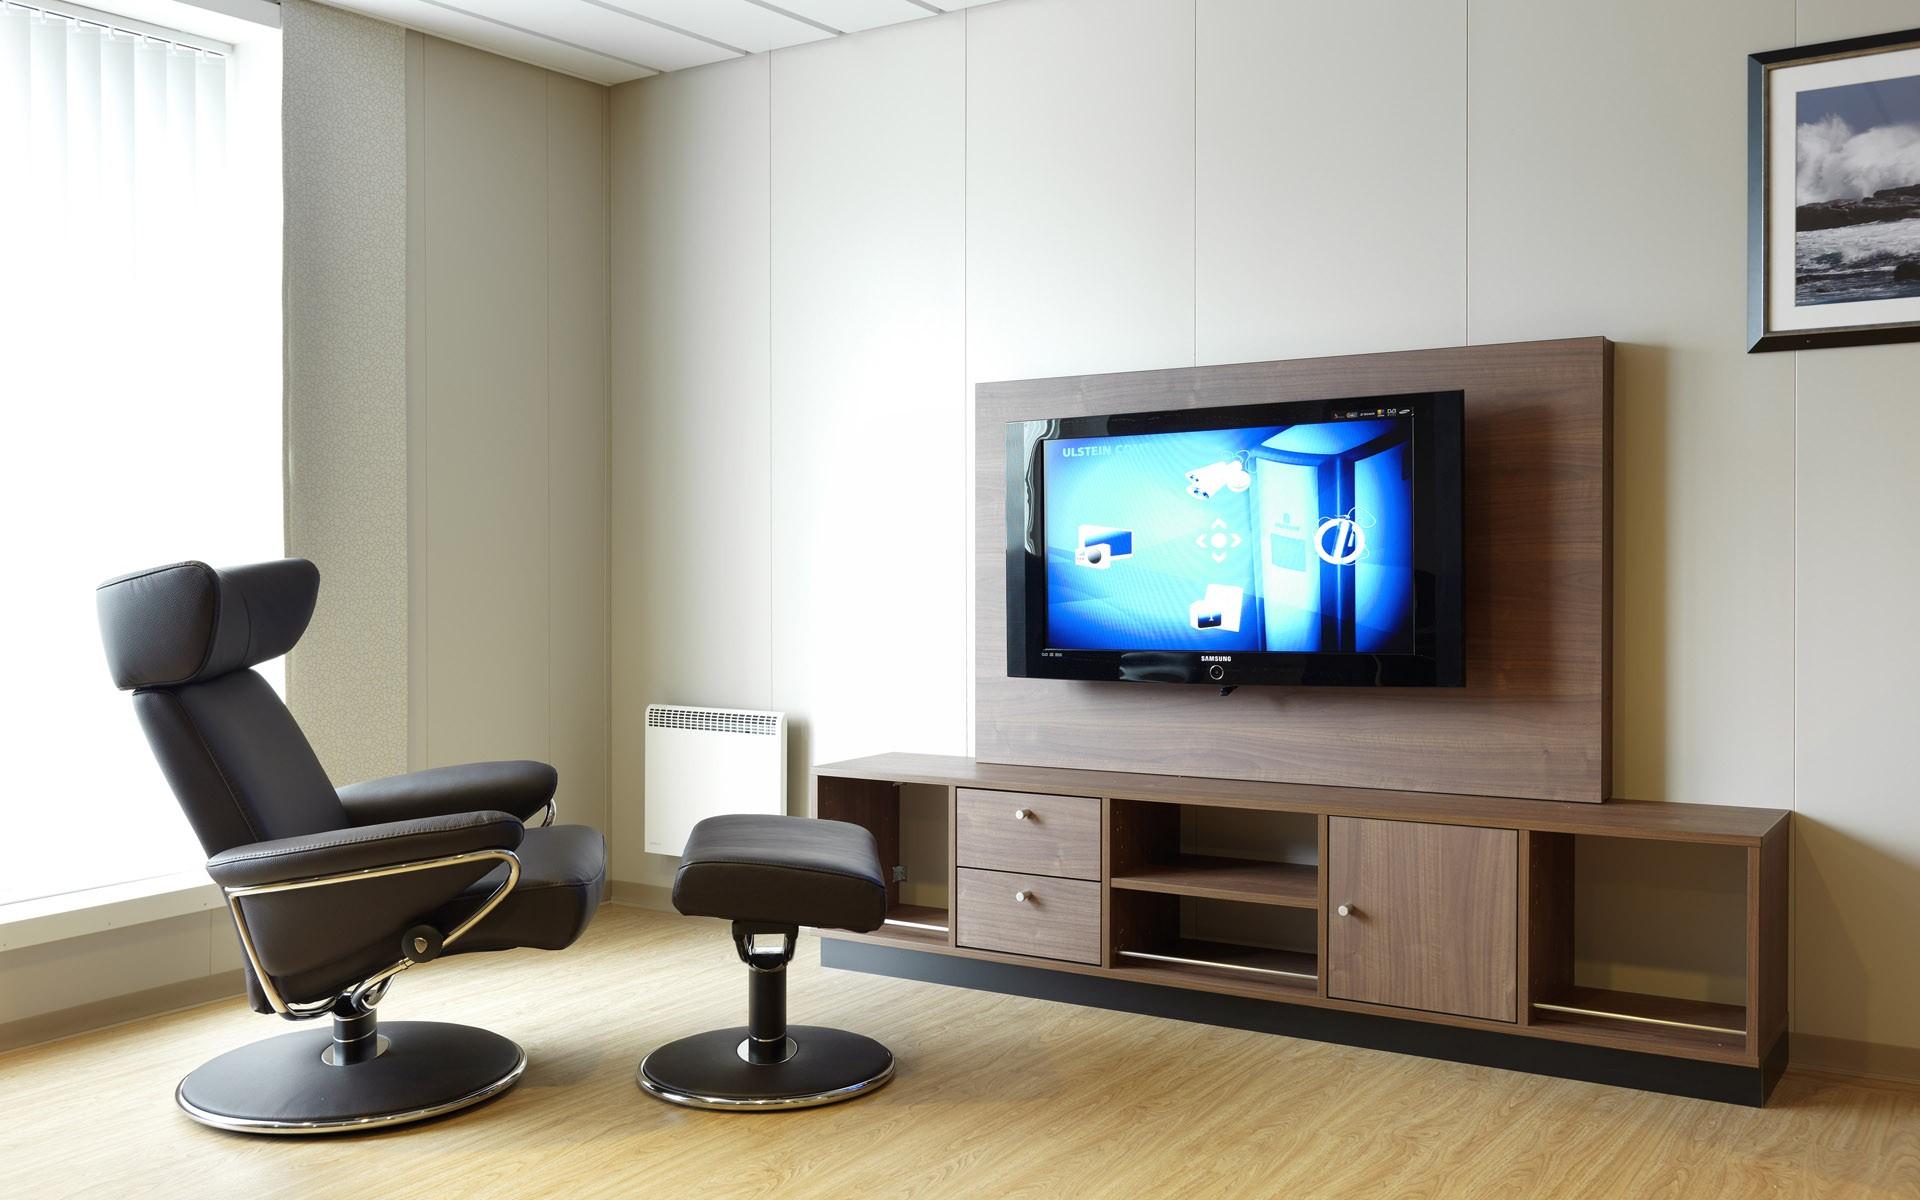 Diseño de sala de Televisión - 1920x1200